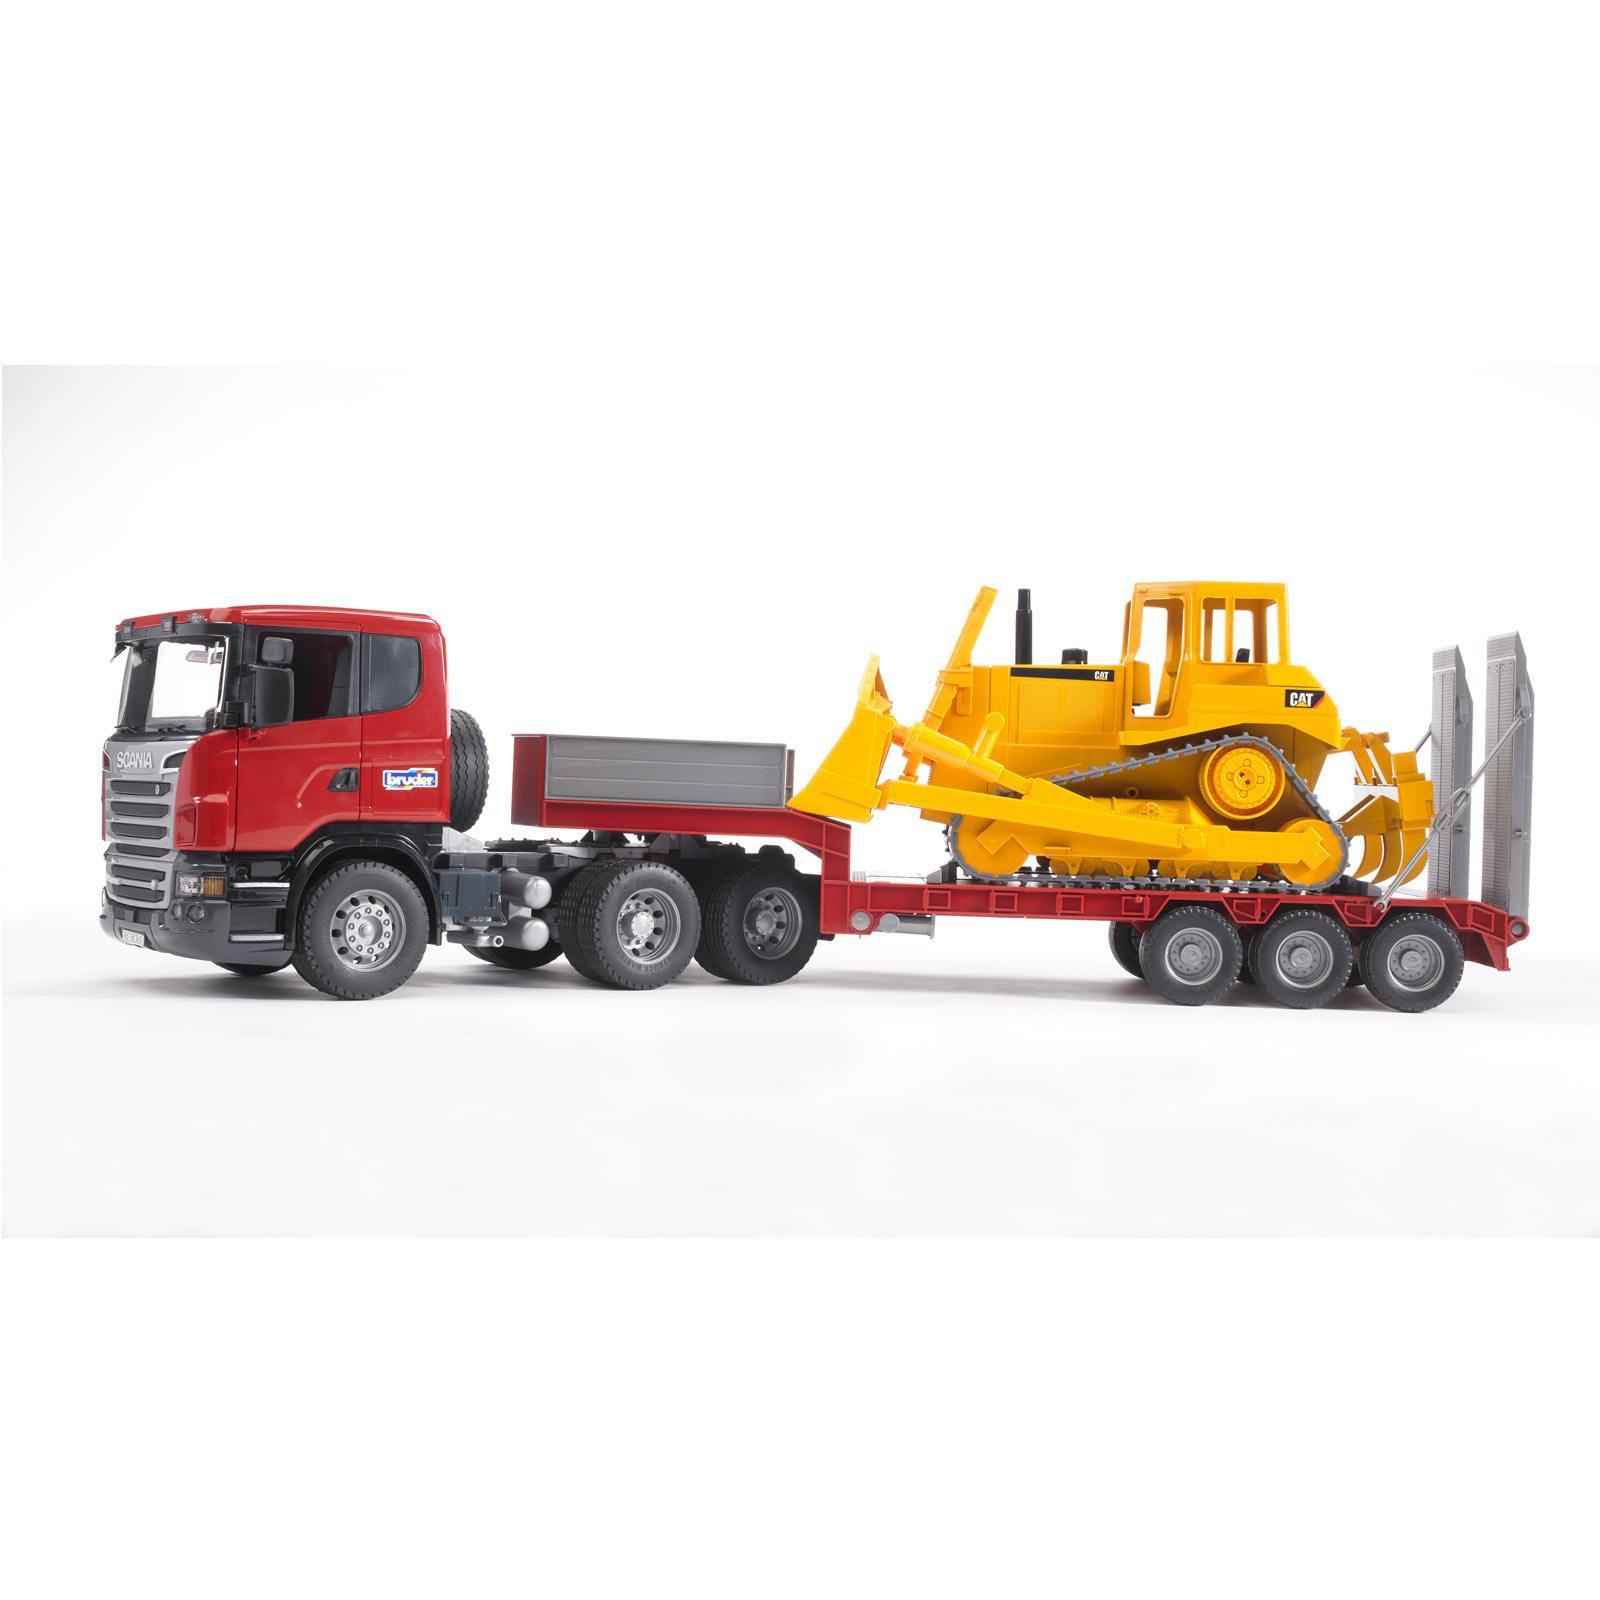 SCANIA R-Truck avec chargeur surbaissé et et et bulldozer Cat®  alta calidad y envío rápido